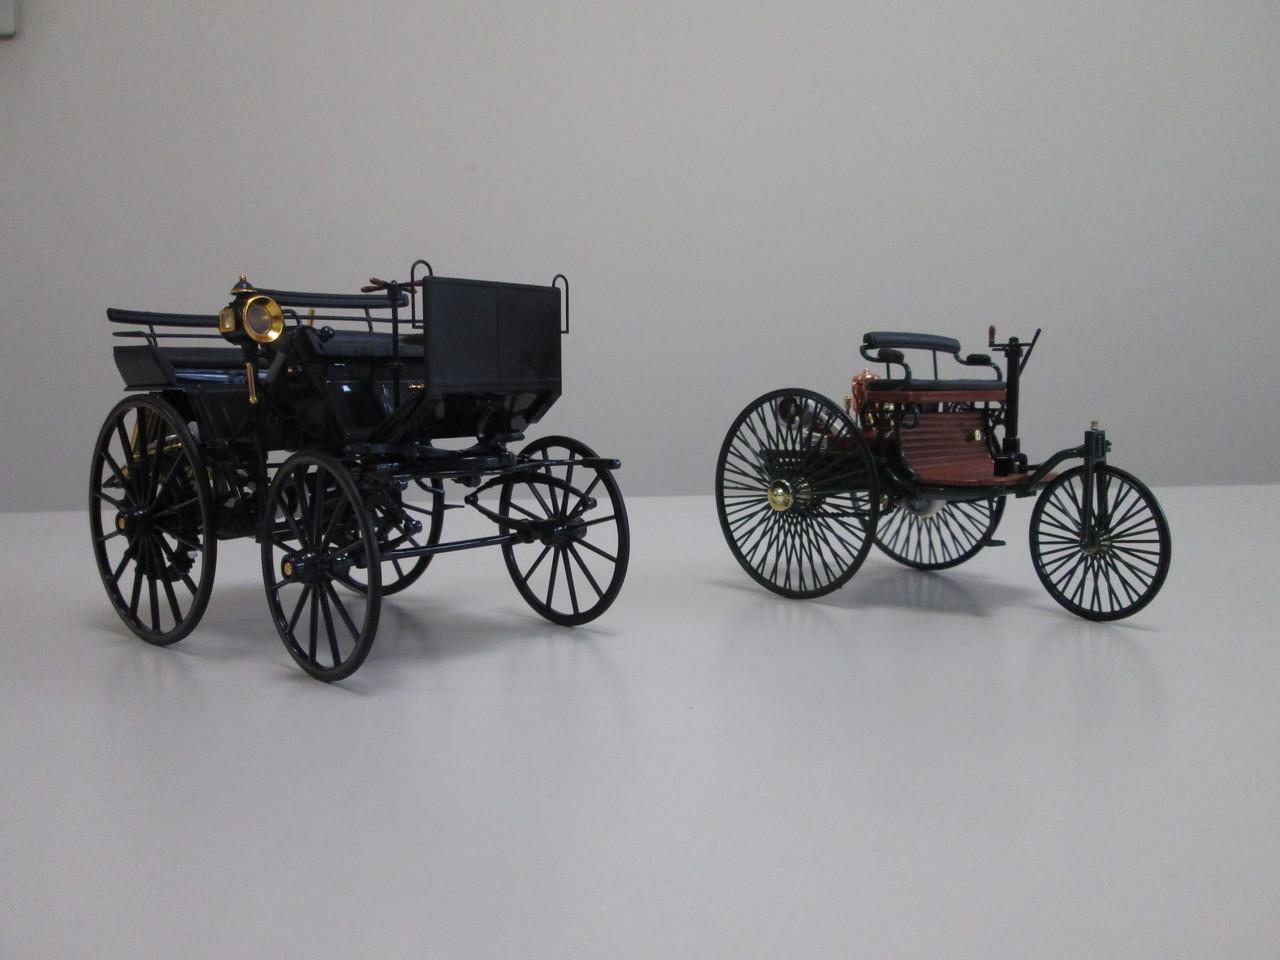 誕生期の自動車(1900年以前) - minicarhy ページ!